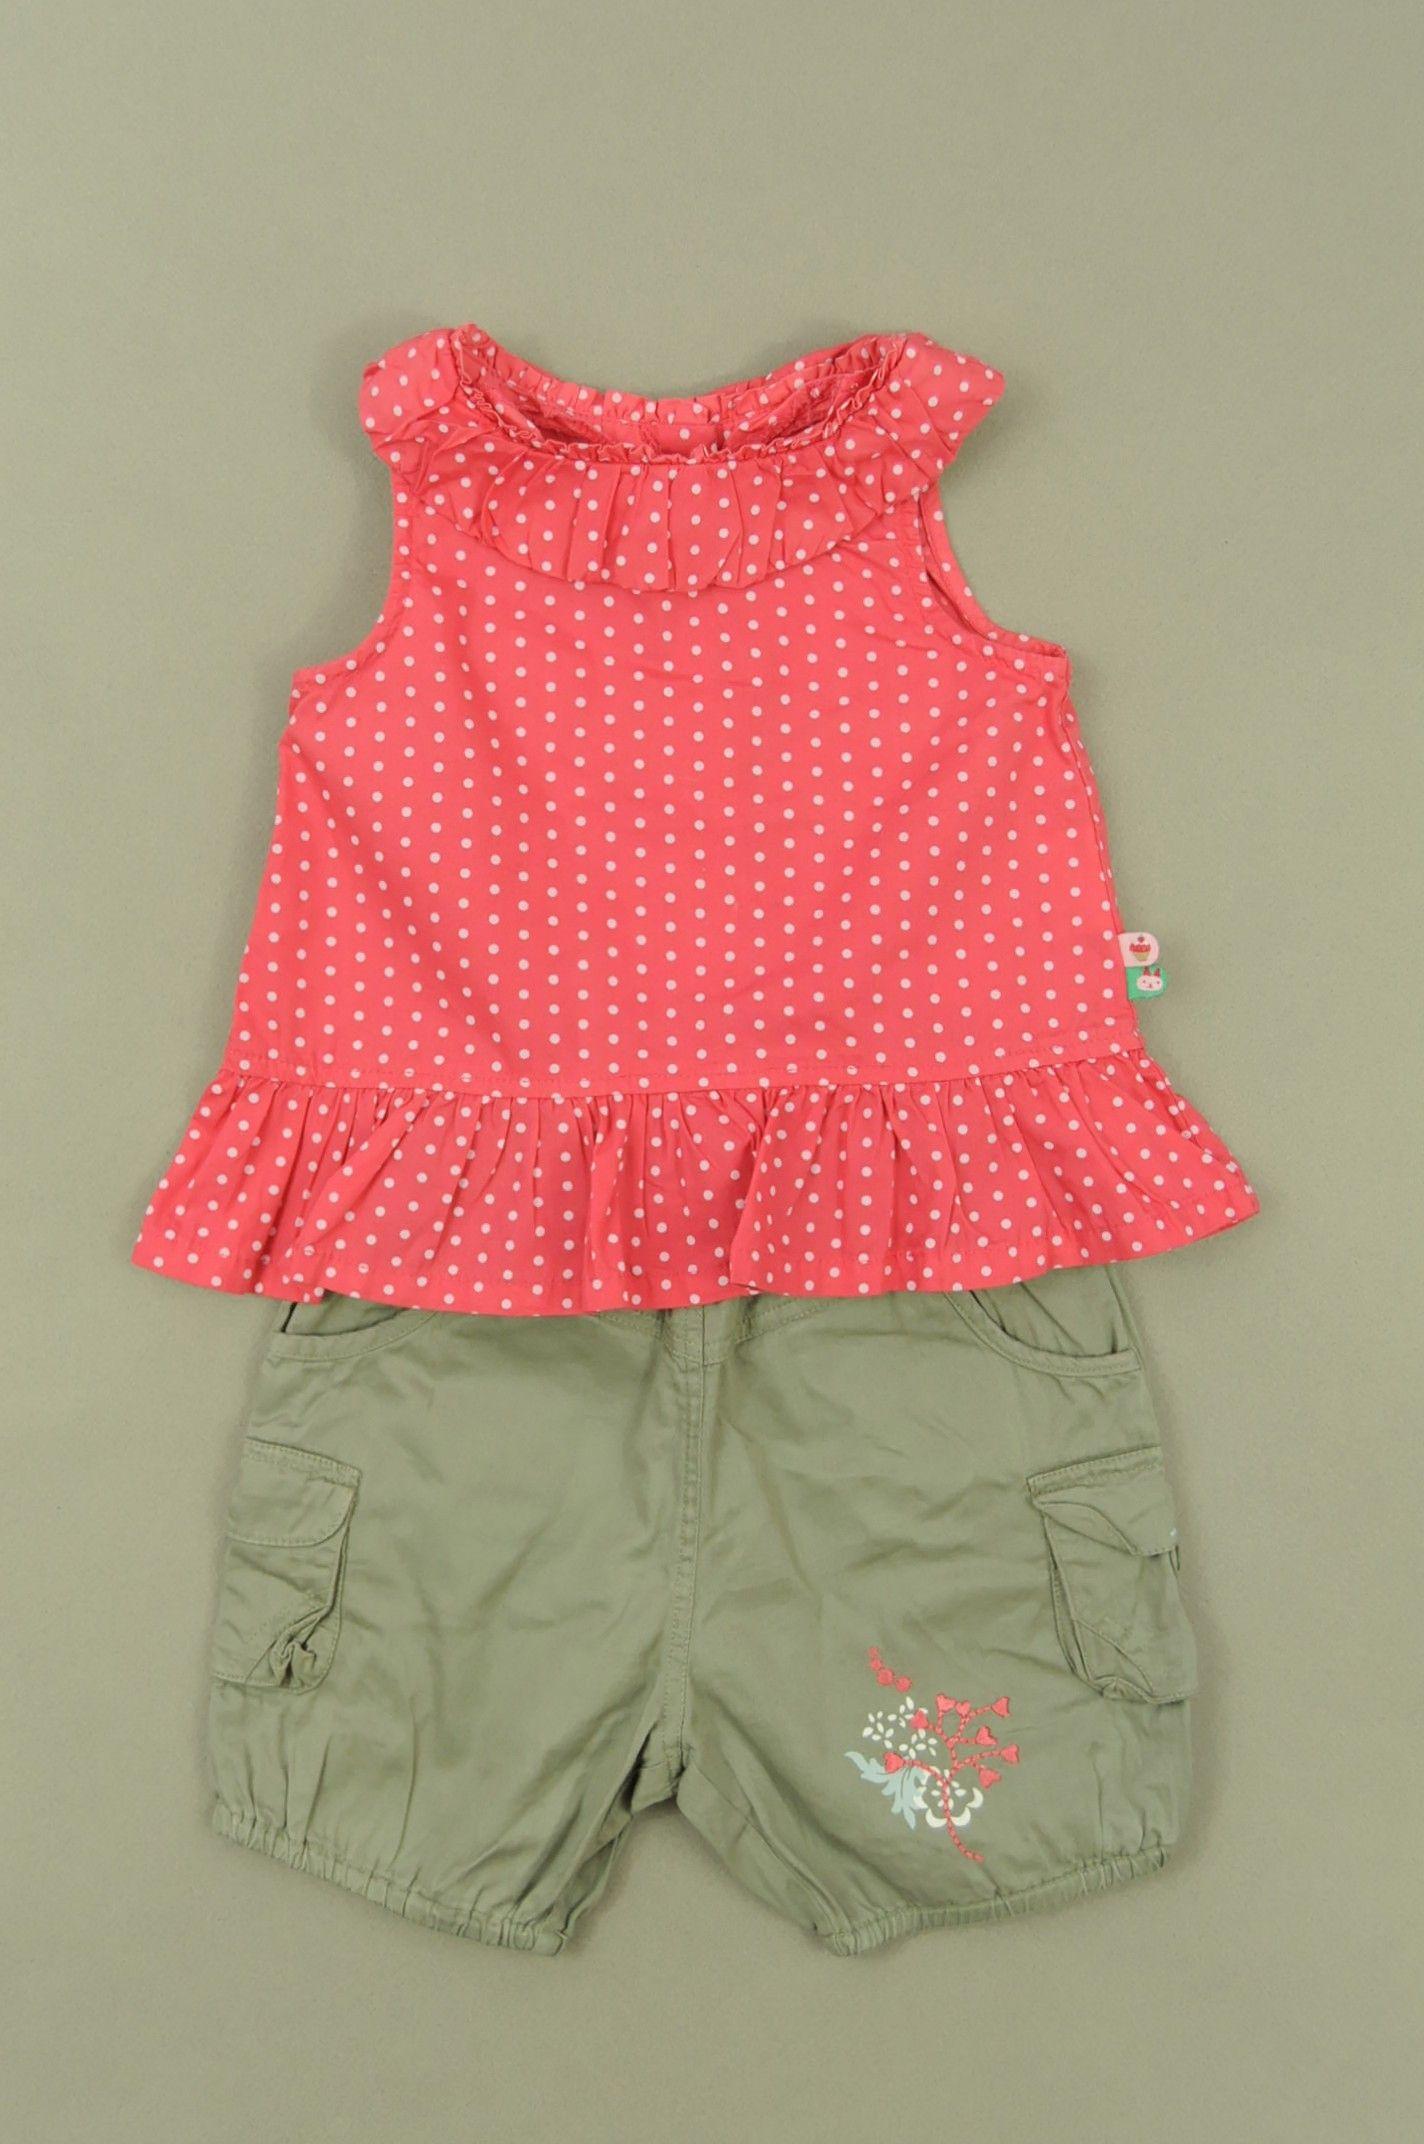 2207a801c3b24 Short et blouse de la marque Autres marques en taille 12 mois - Affairesdeptits  vetement occasion enfant bebe pas cher